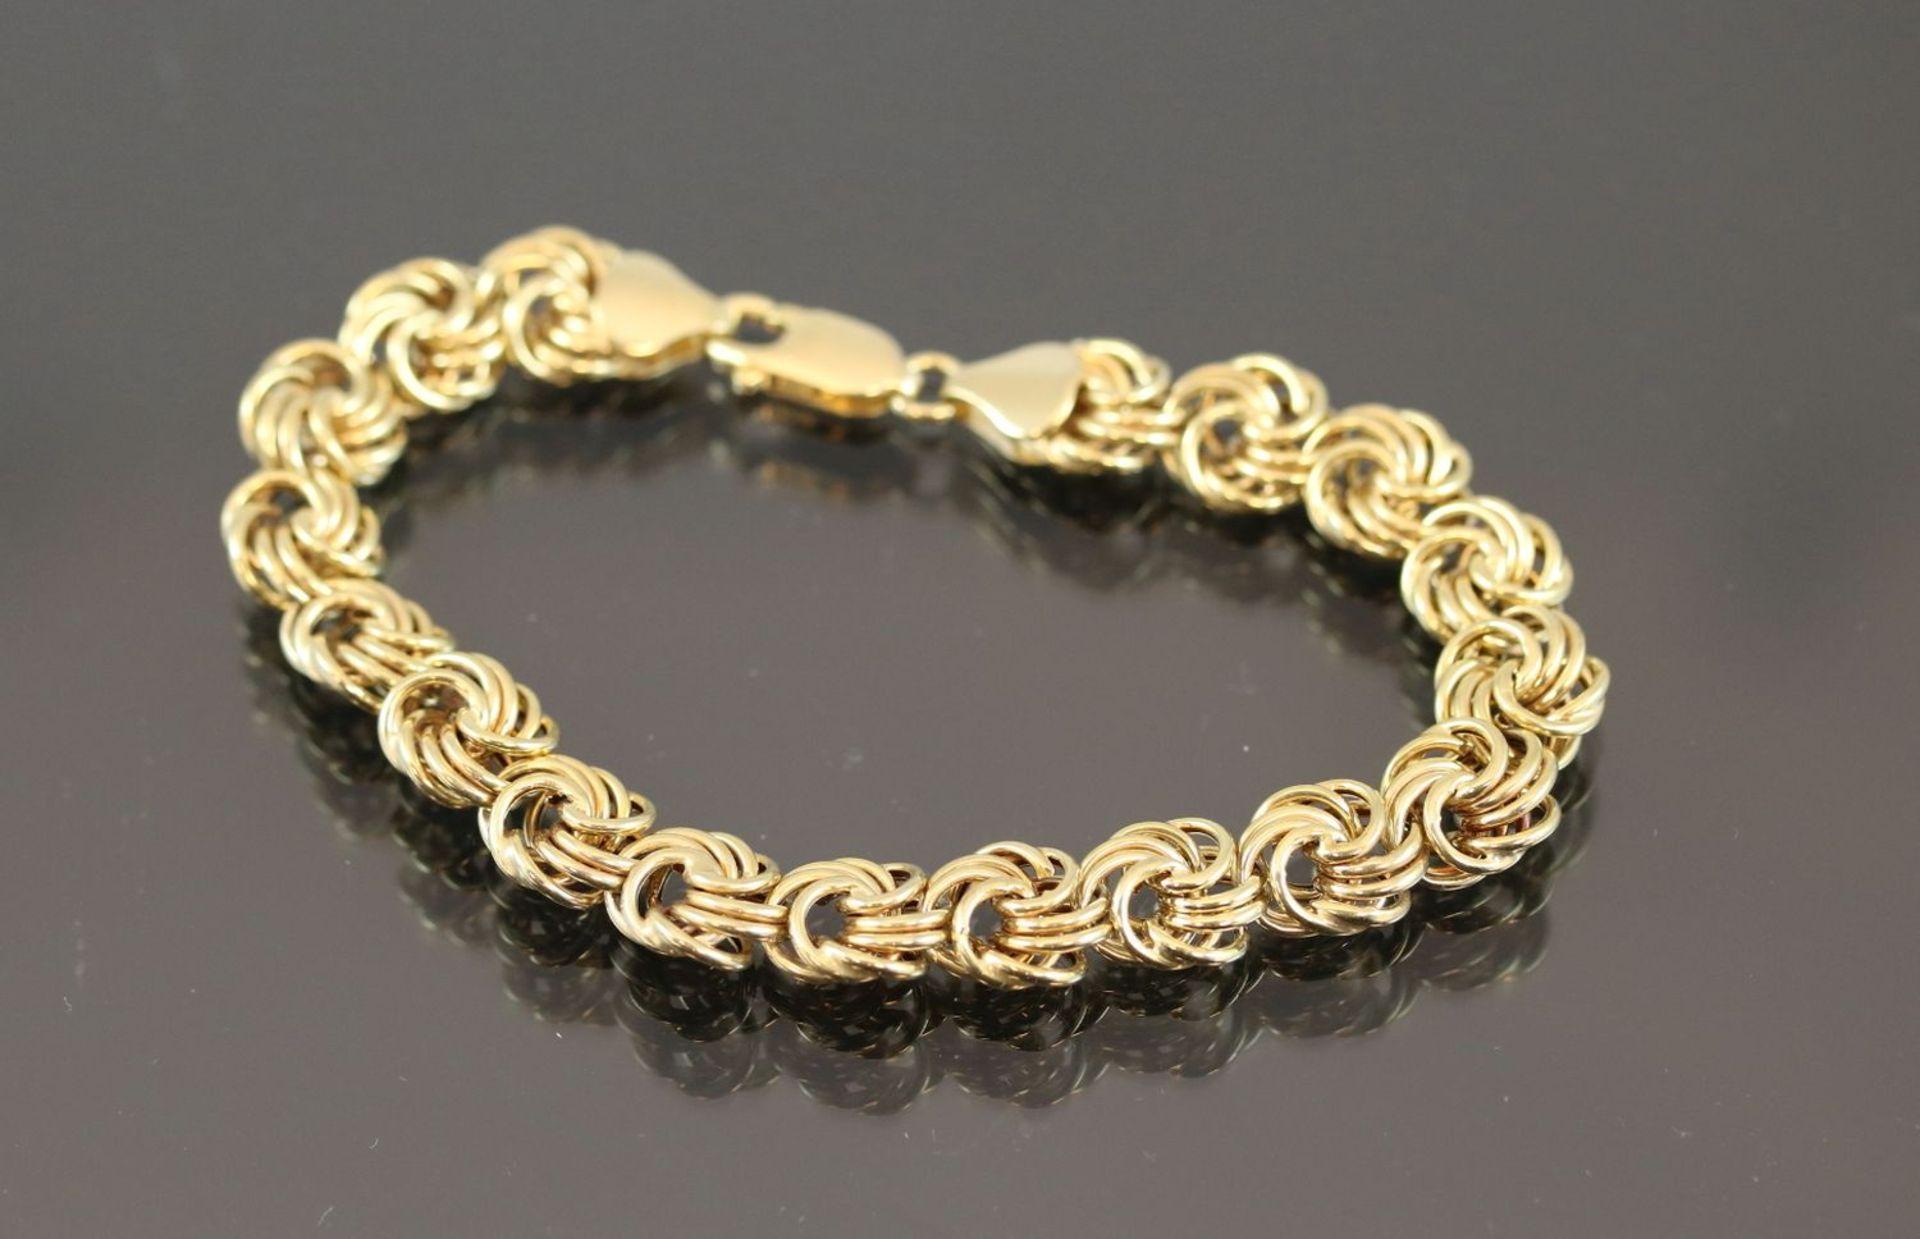 Los 46 - Armband, 333 Gelbgold6,9 Gramm Länge: 18 cm Schätzpreis: 500,-